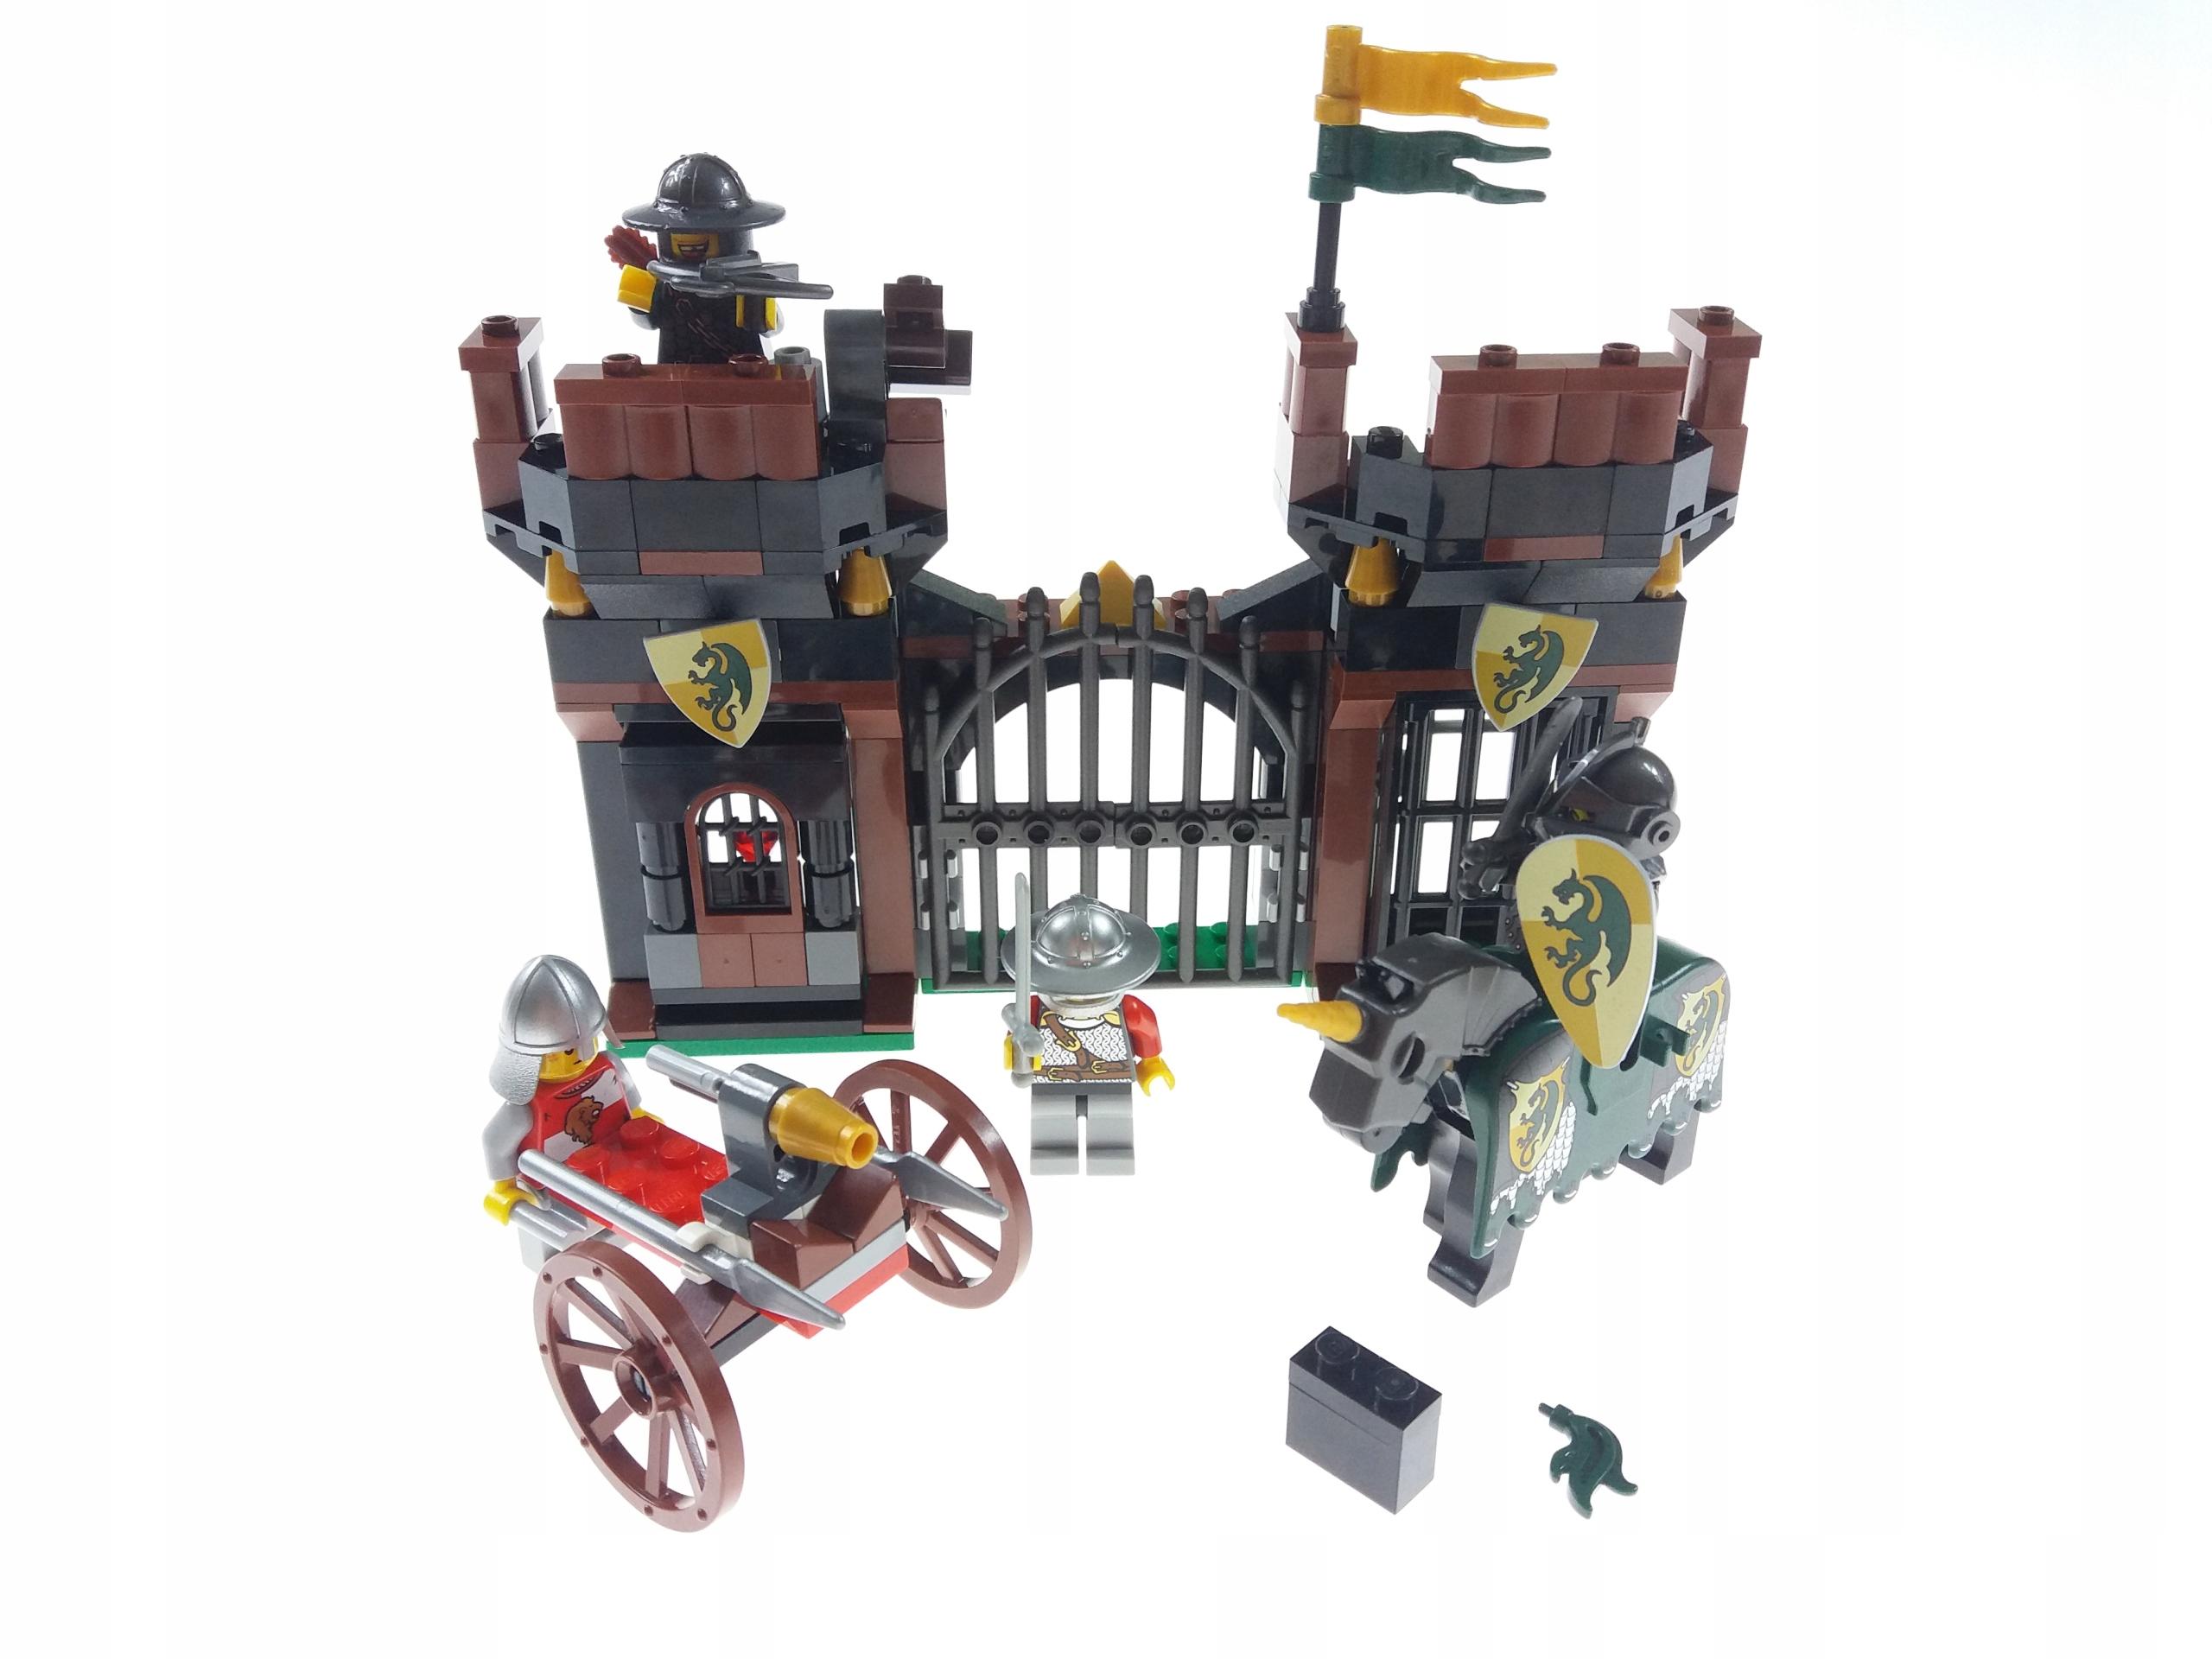 Lego Castle 7187 Escape from Dragon's Prison